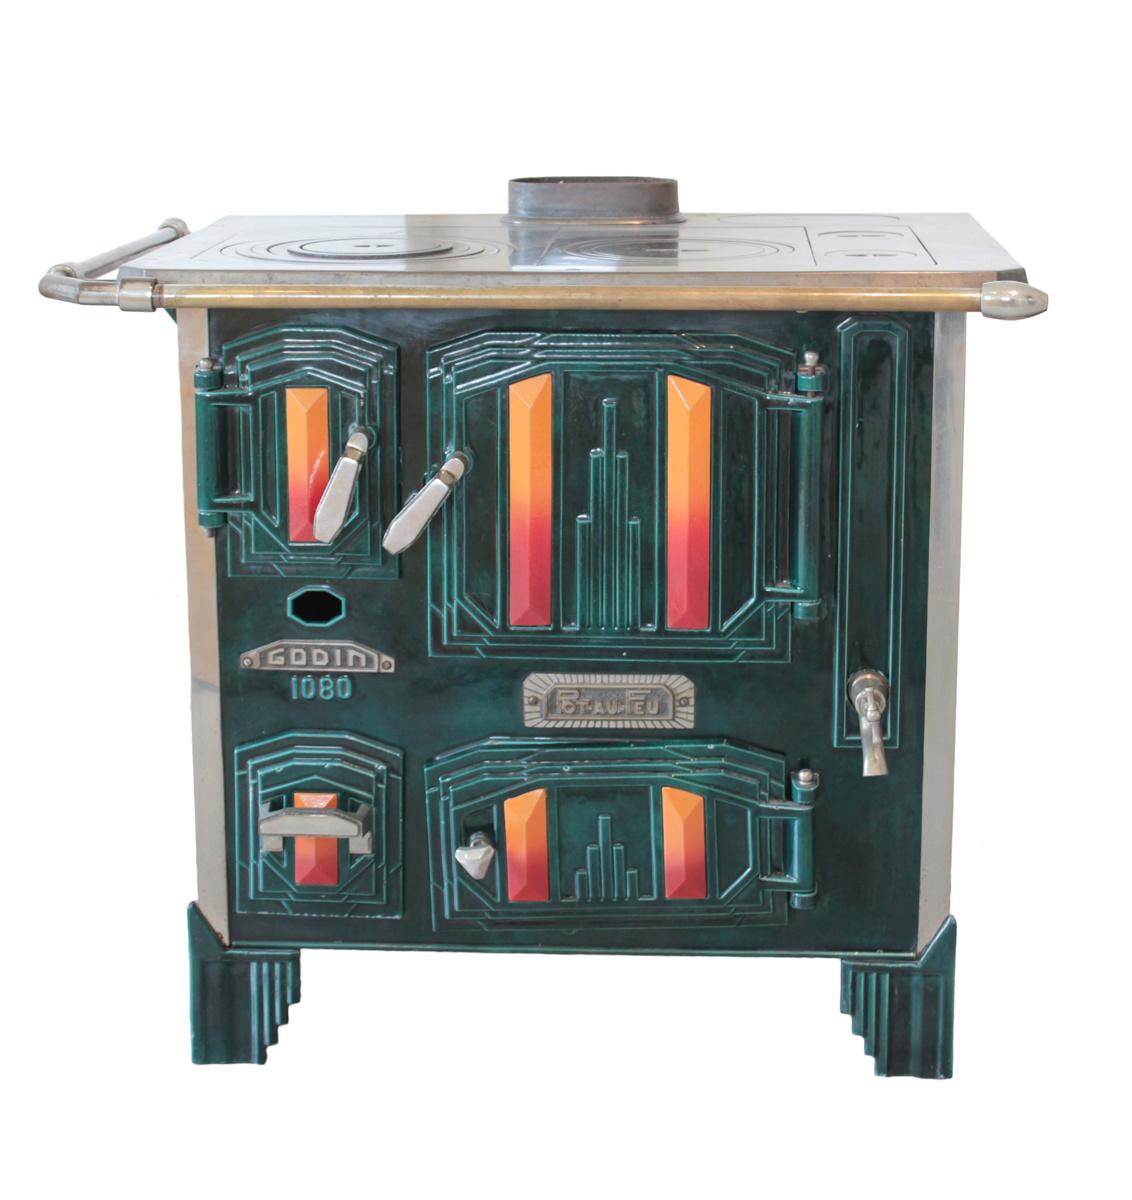 Vue de face de la cuisinière n° 1080 «Pot-au-feu».